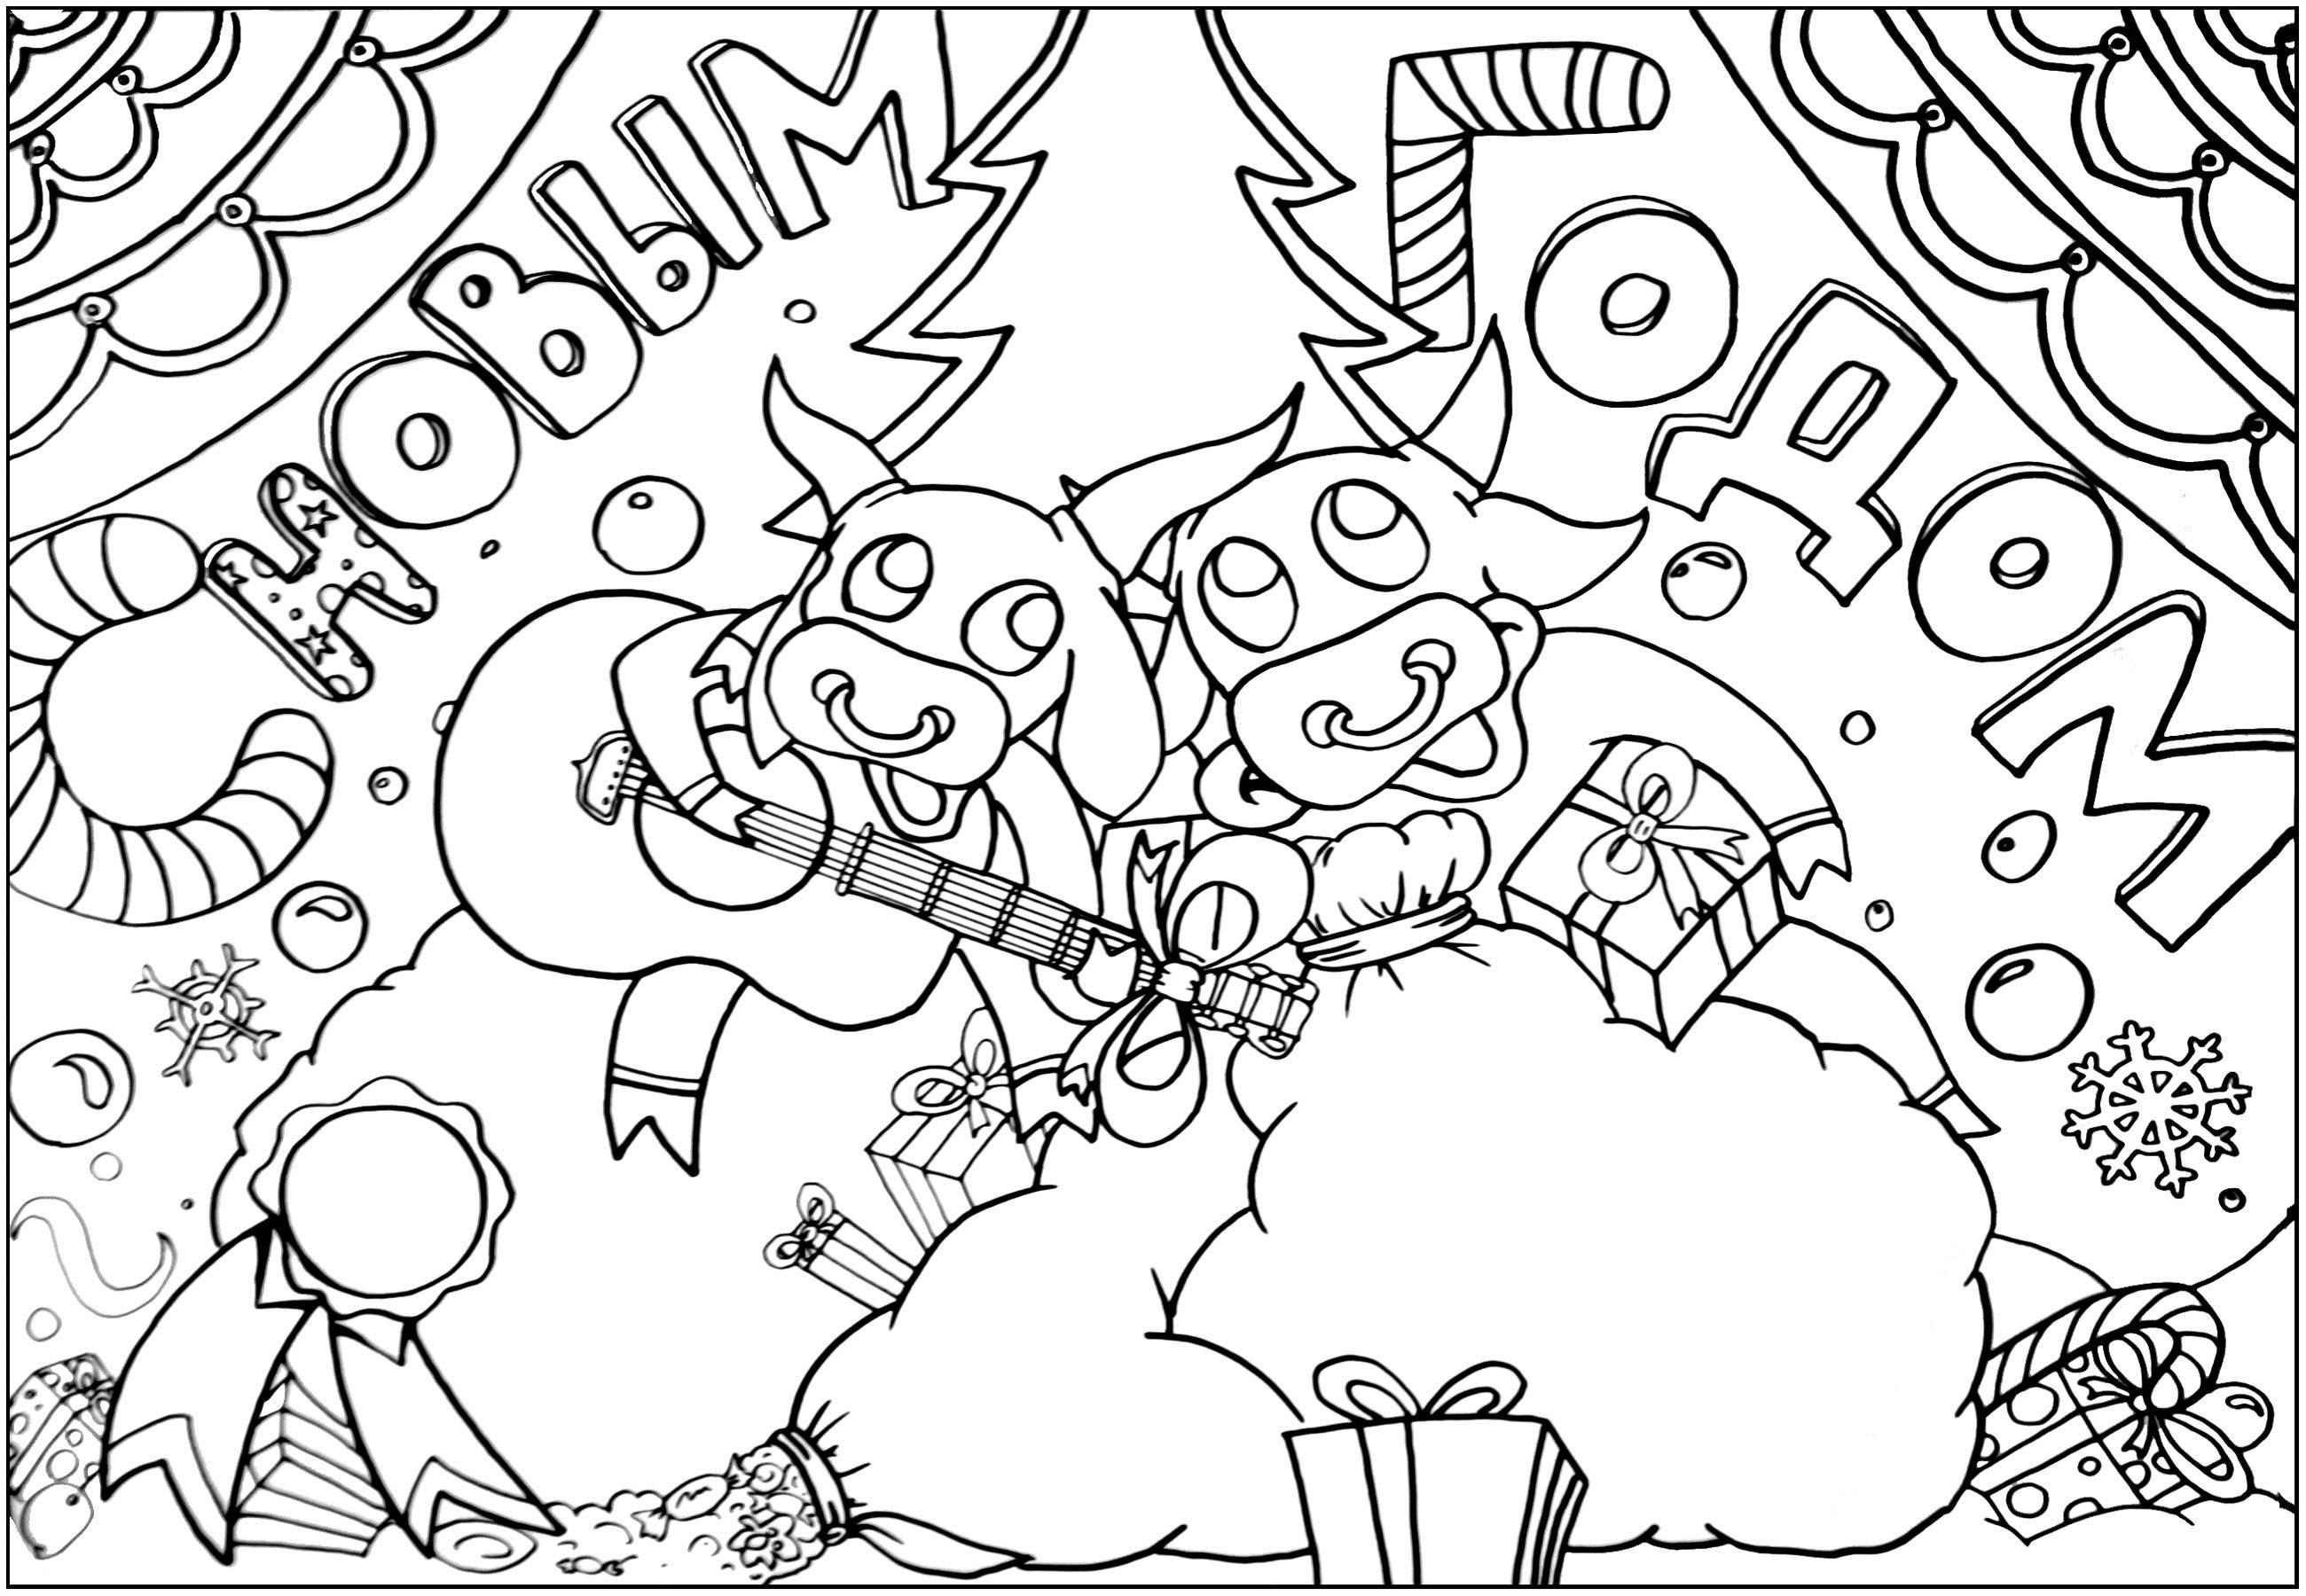 Плакаты, бычки играющие на гитаре Раскраска сказочная зима